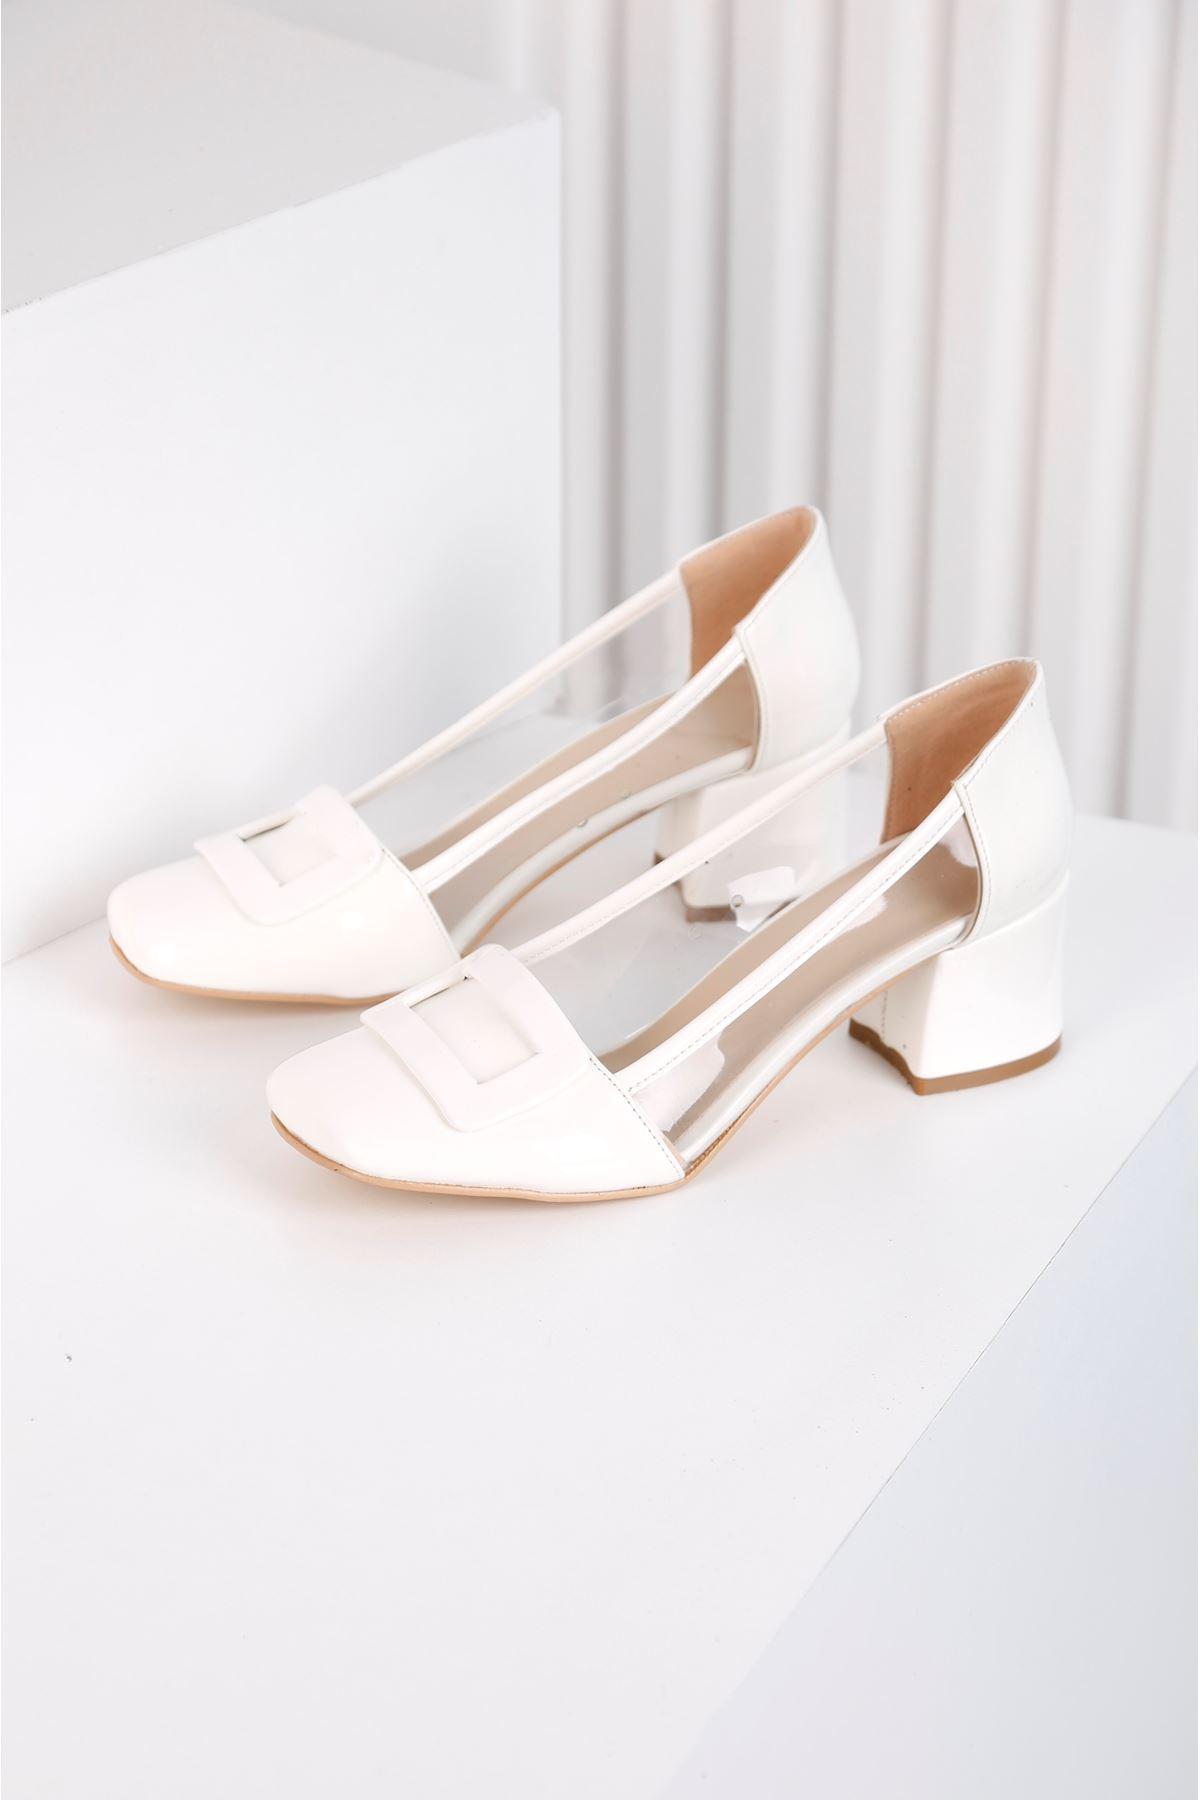 Barbie Topuklu Beyaz Şefaf Ayakkabı